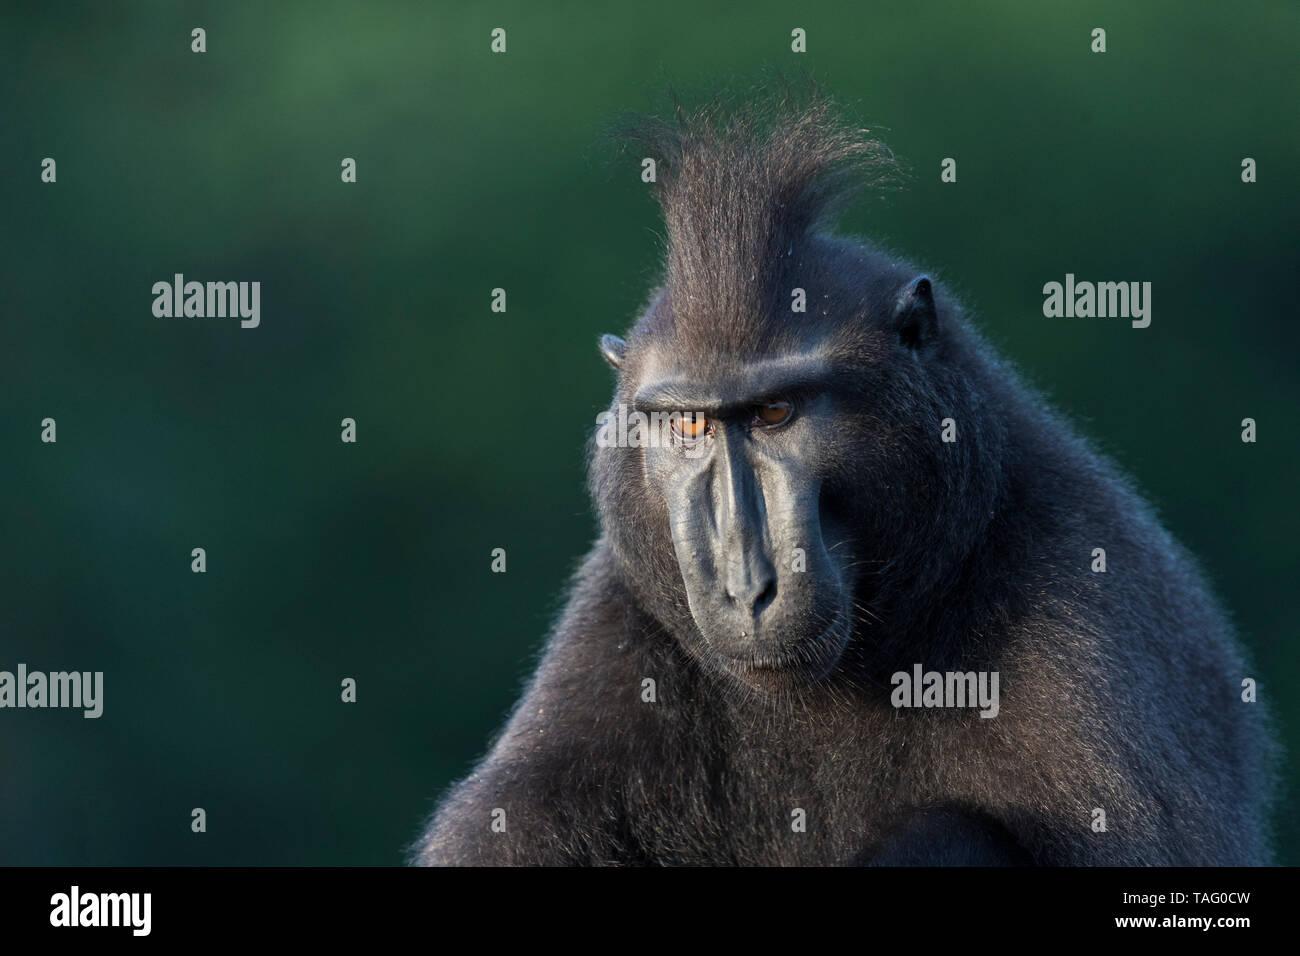 El macaco crestado de Célebes o Sulawesi, macaco negro crestado crestados, macaco o el negro ape (Macaca nigra), macho adulto, el Parque Nacional Tangkoko, Sulawesi, Sulawesi, Indonesia Foto de stock